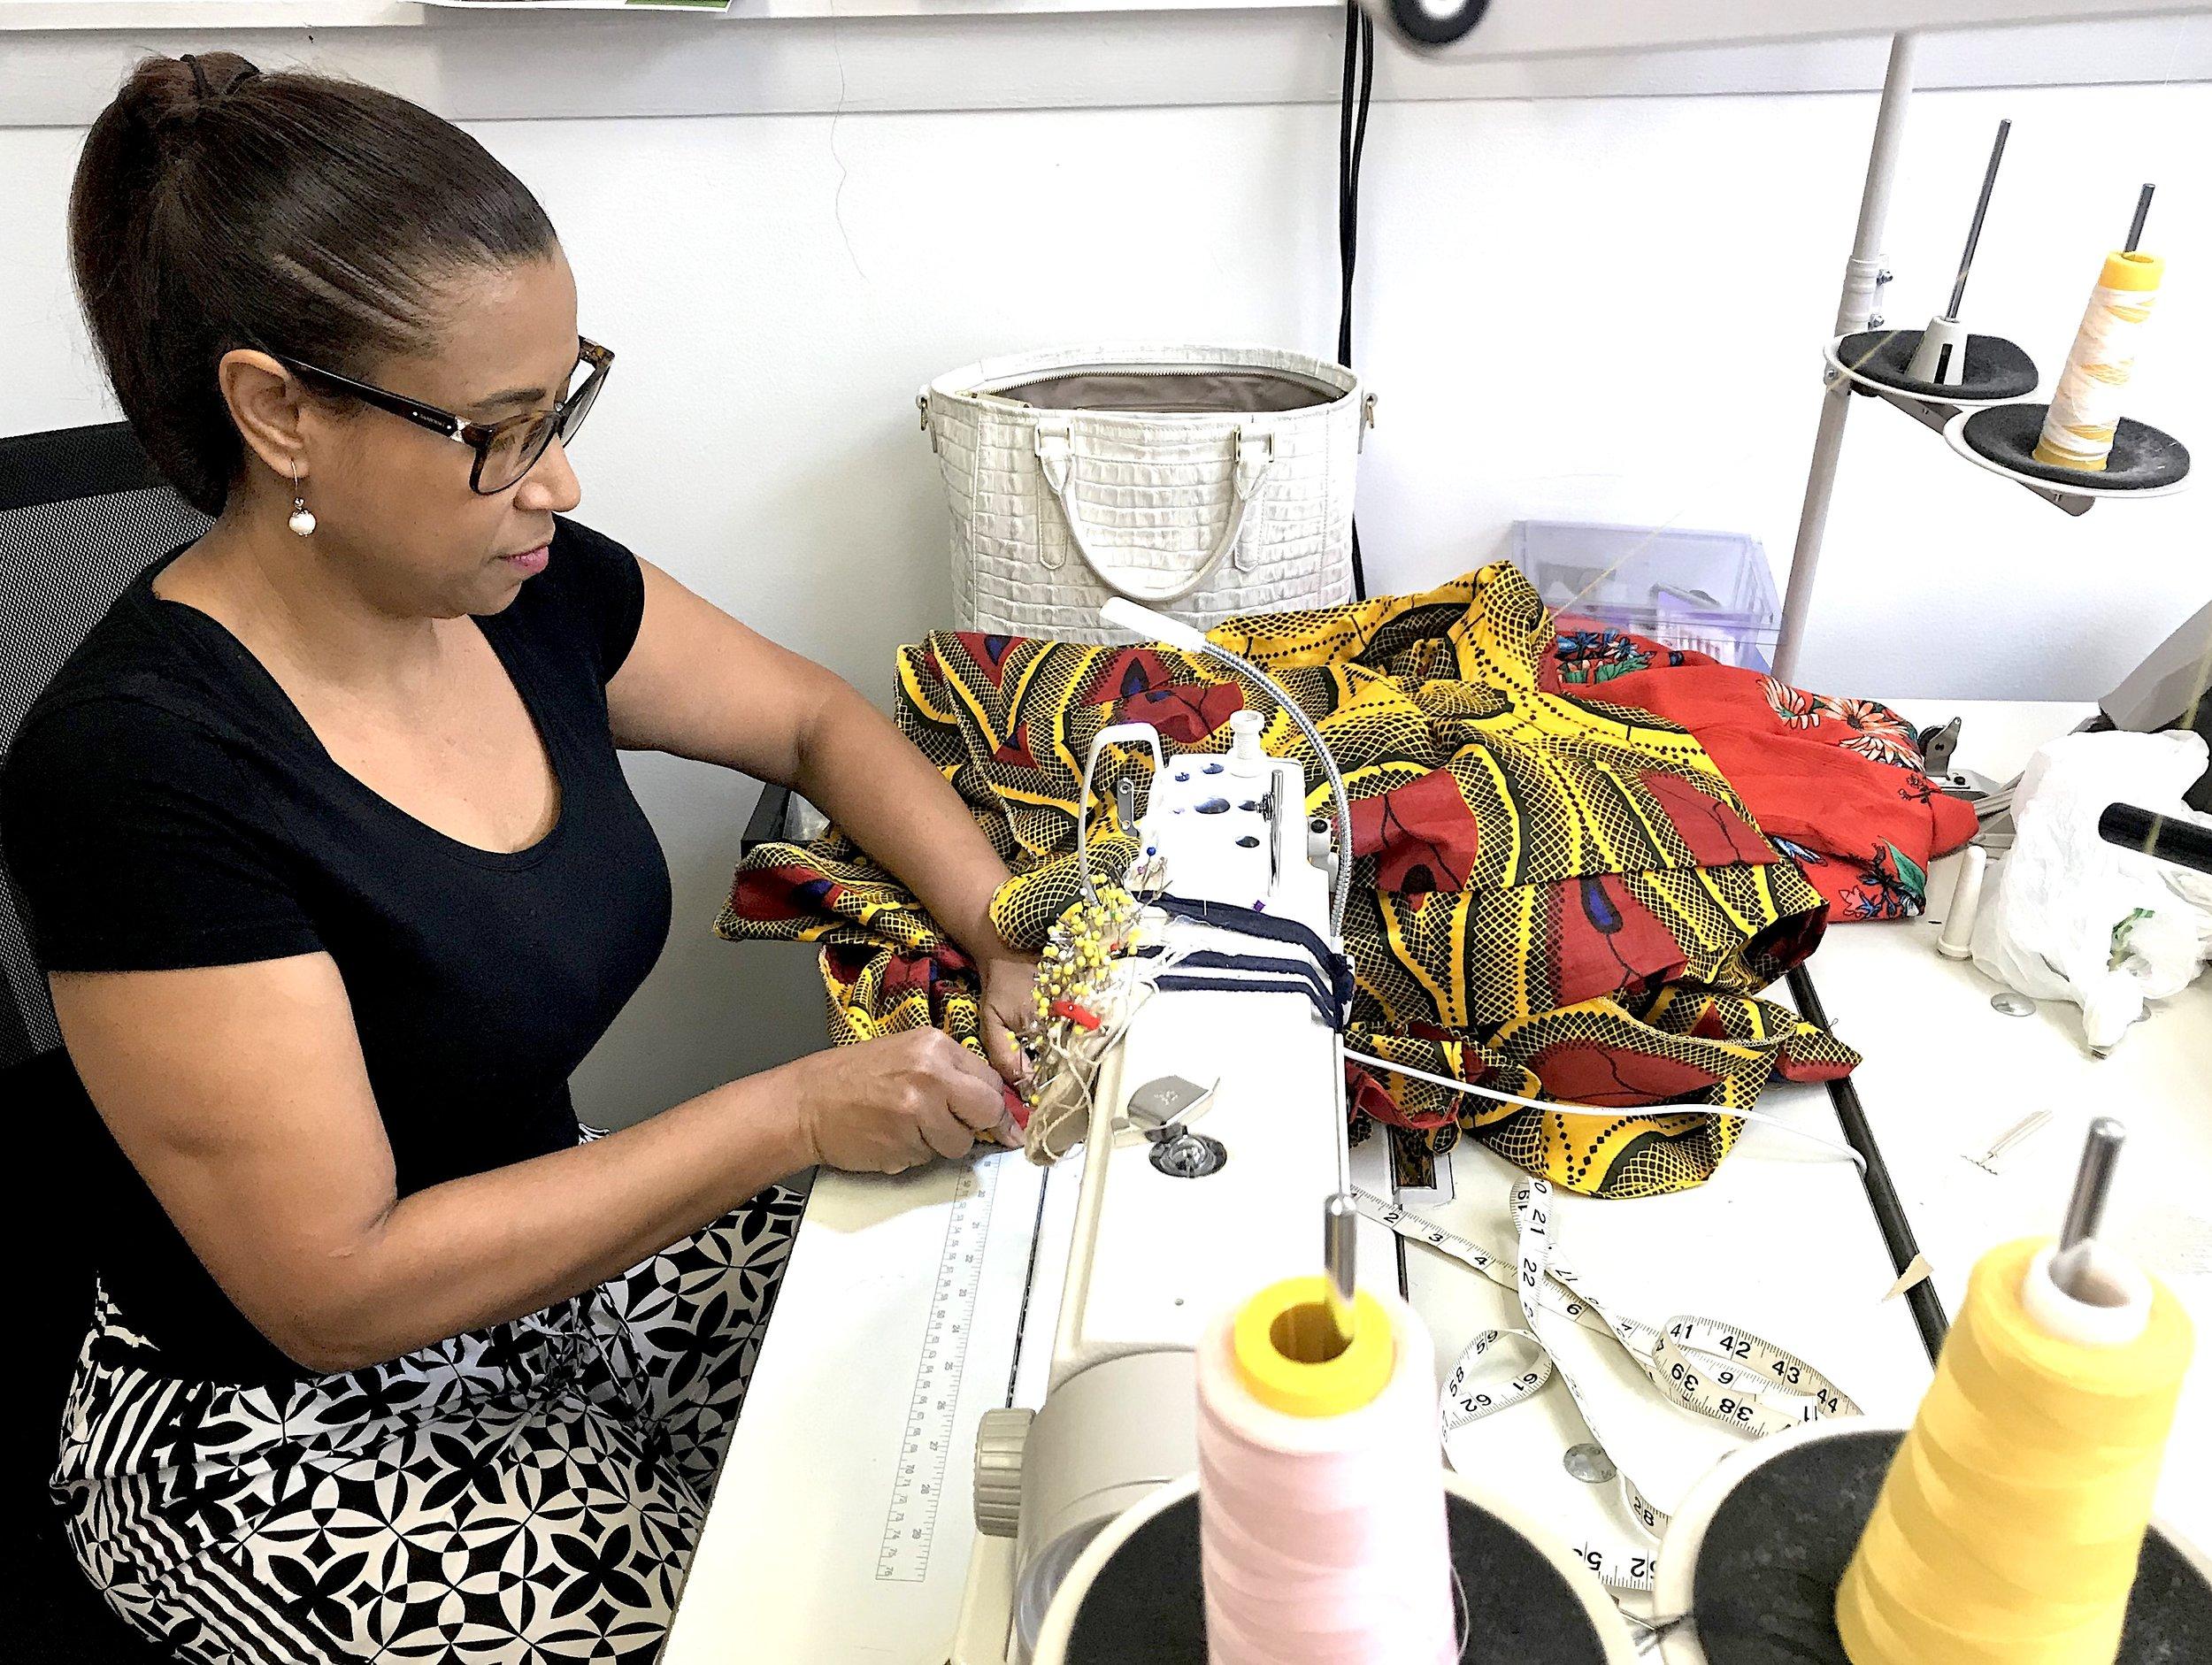 Sewing Machine 2 Photo.jpg